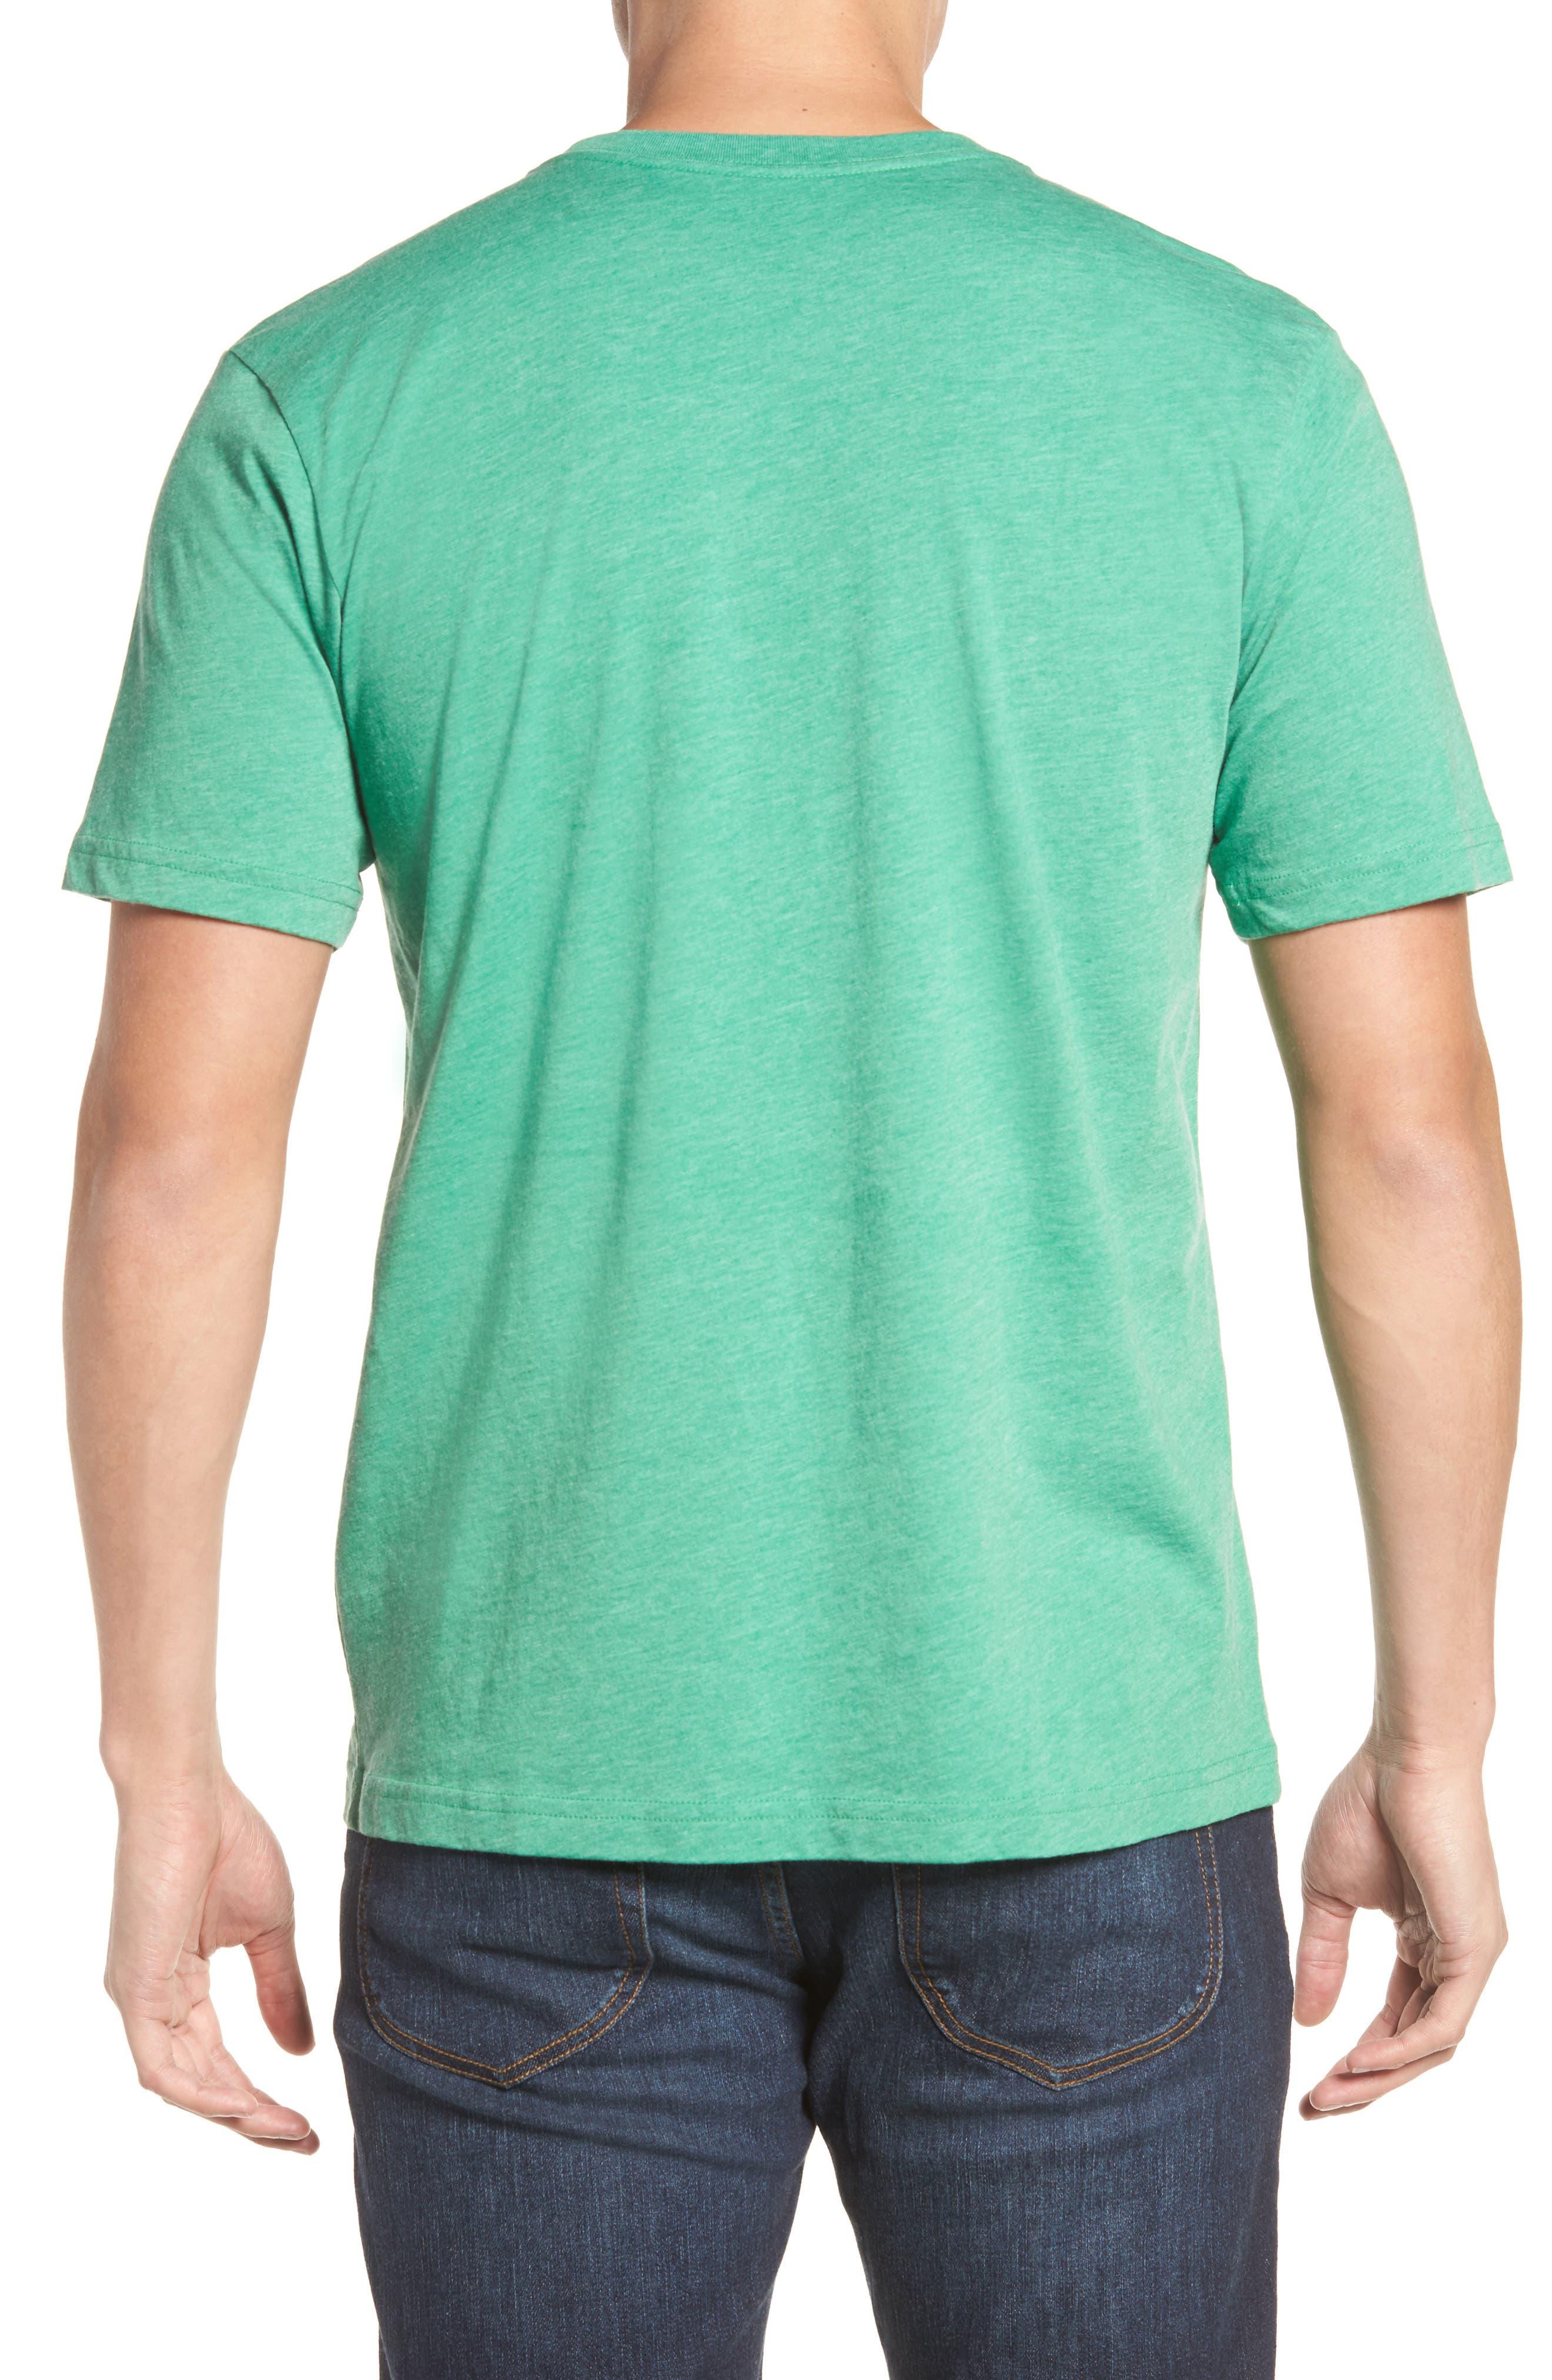 Jason T-Shirt,                             Alternate thumbnail 2, color,                             300